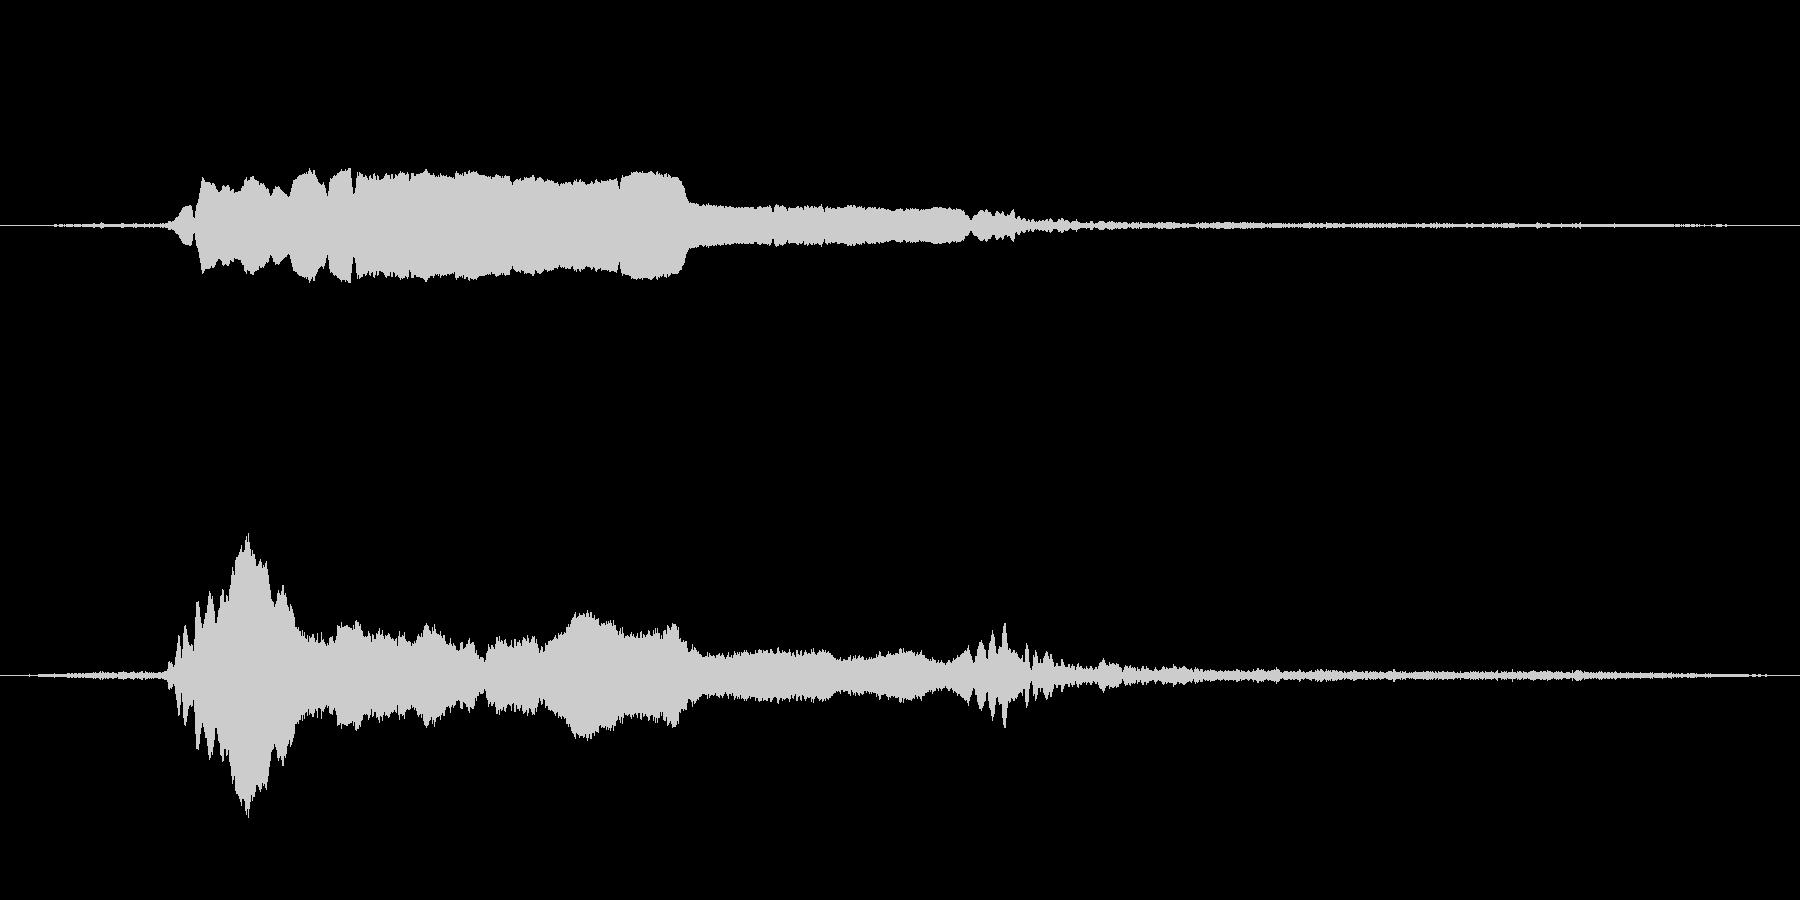 機関車の甲高い警笛の未再生の波形